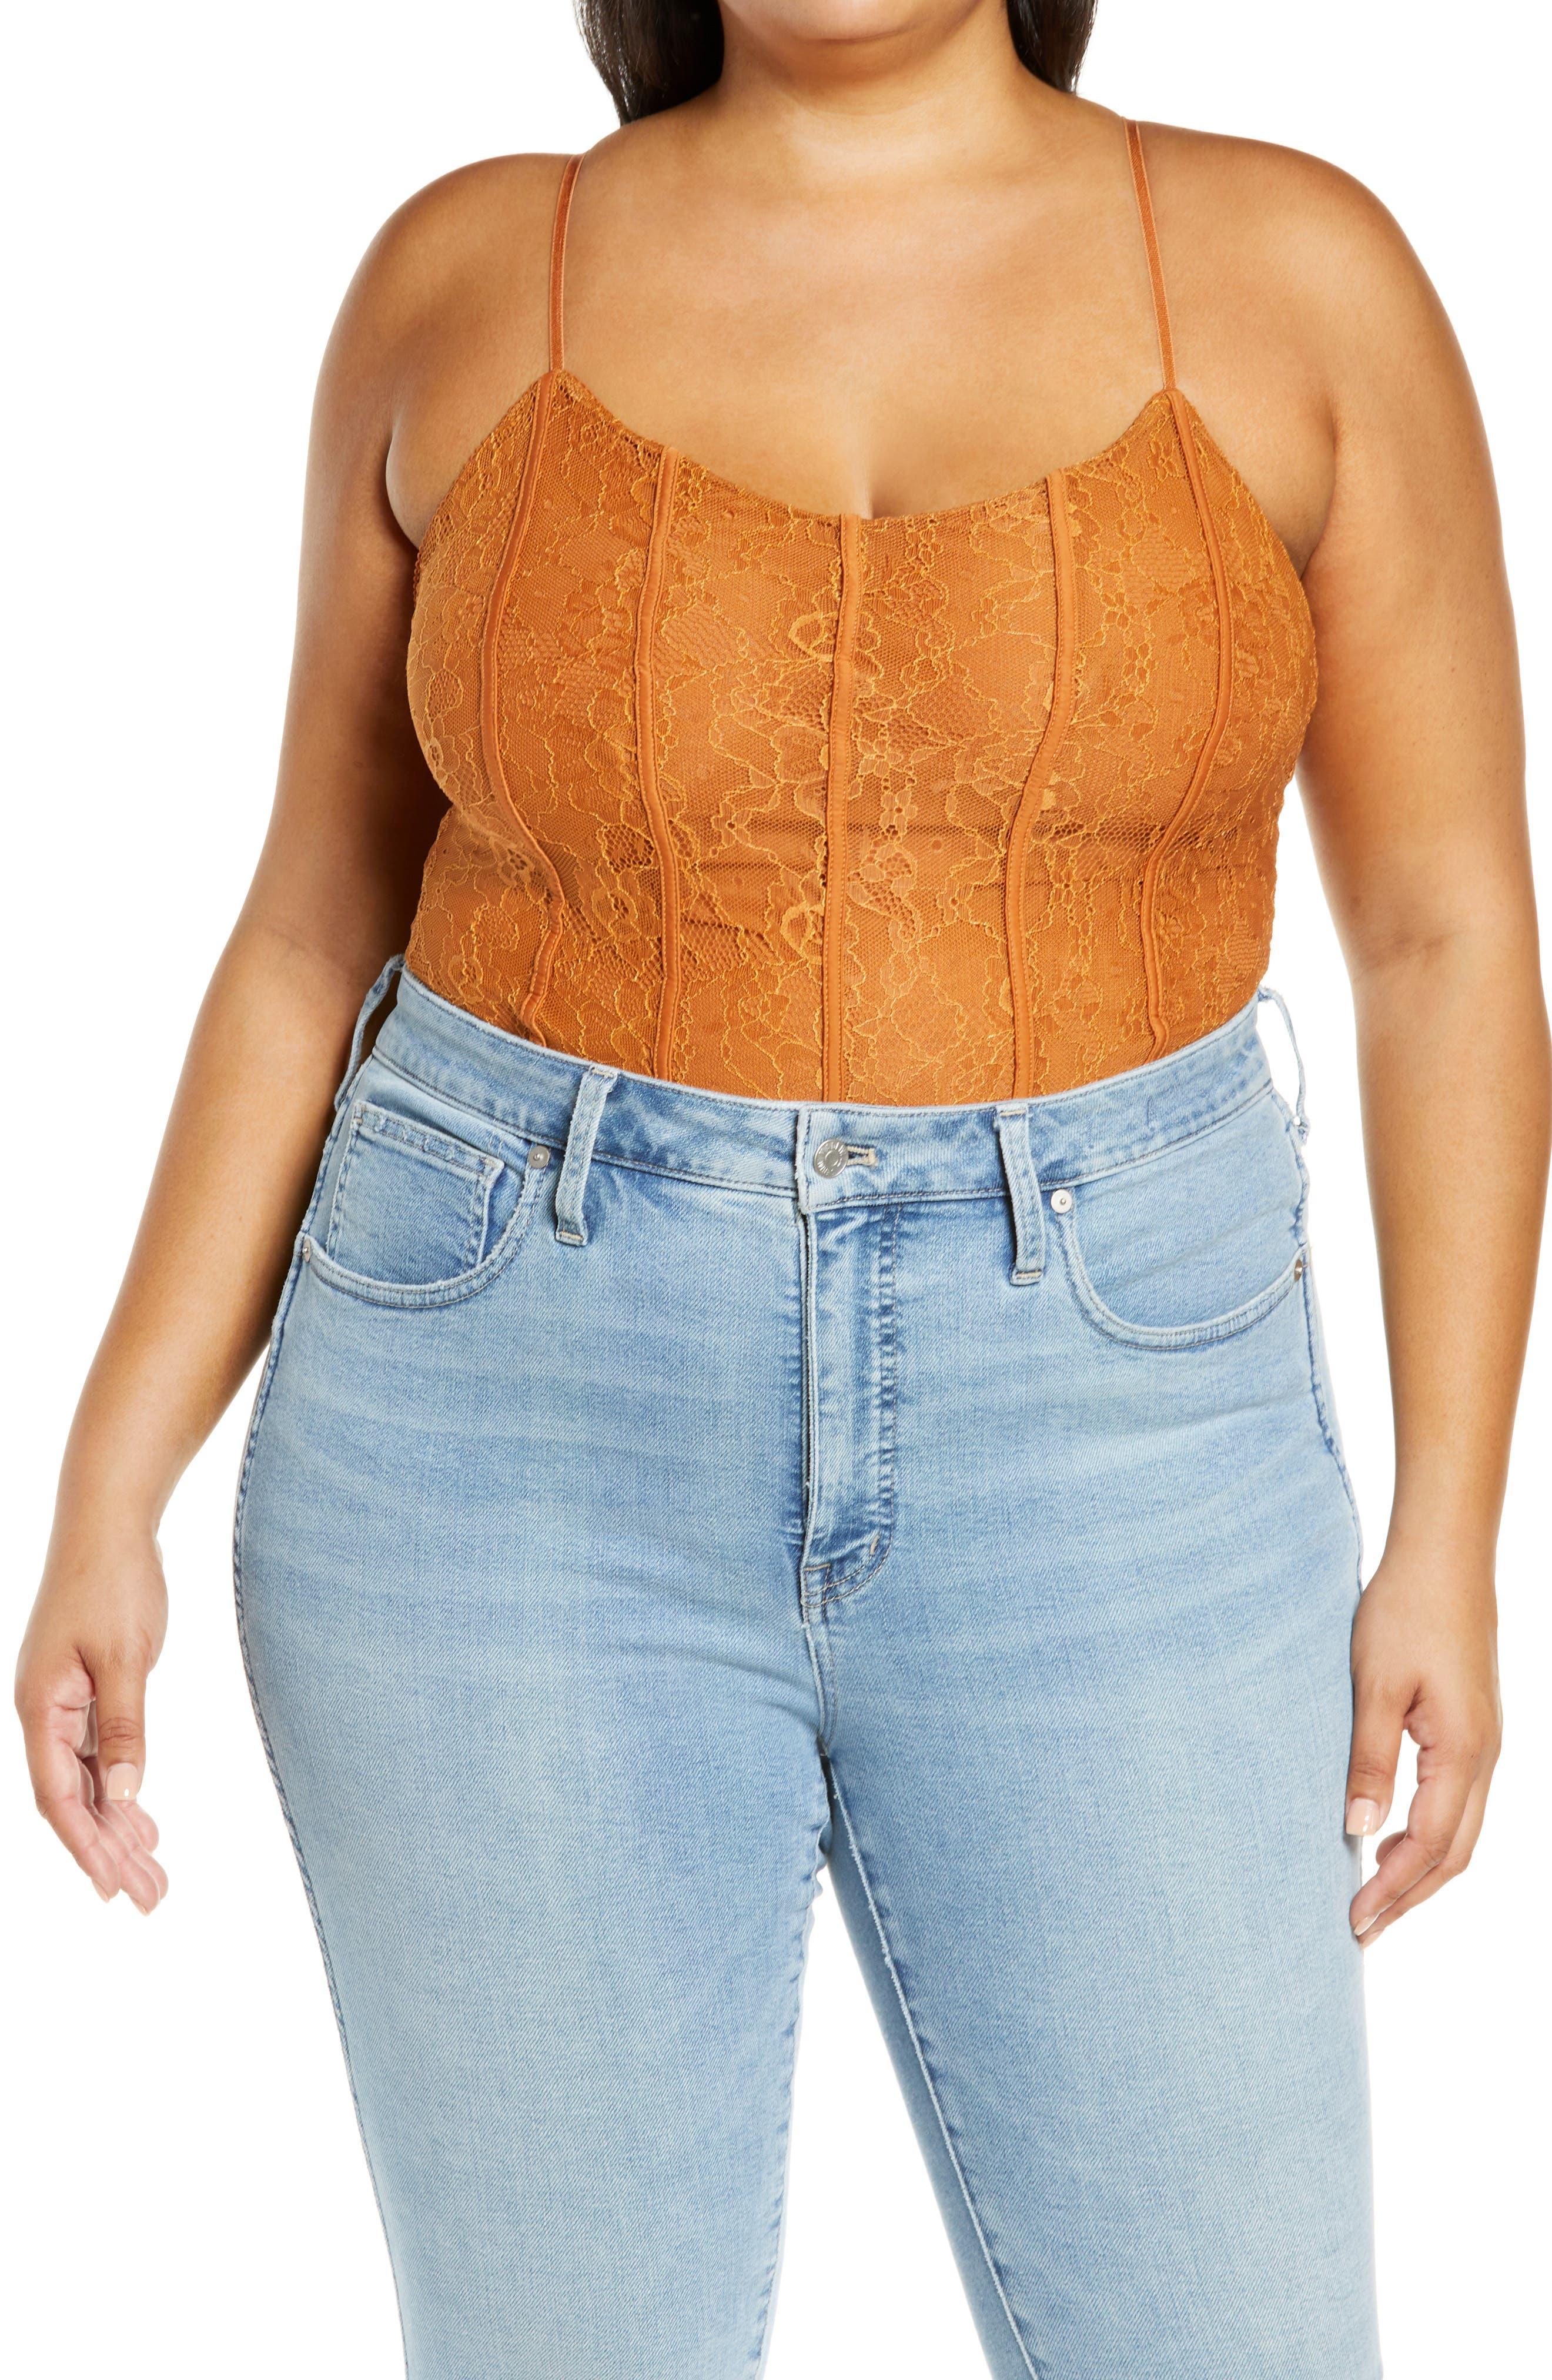 Catarina Stretch Lace Bodysuit